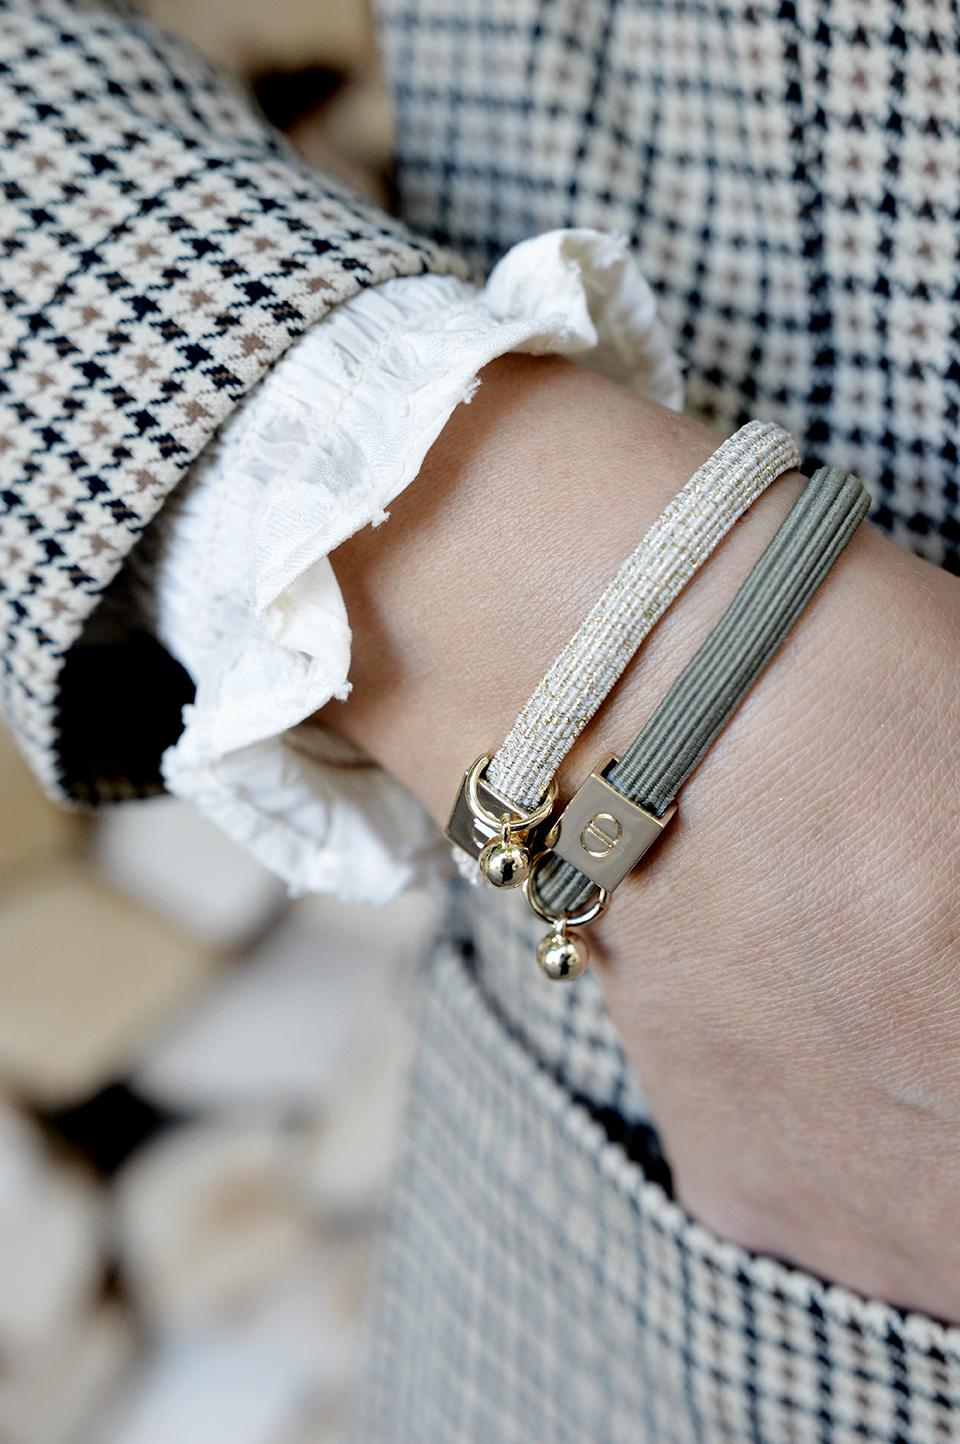 Armband elasitc glitzer